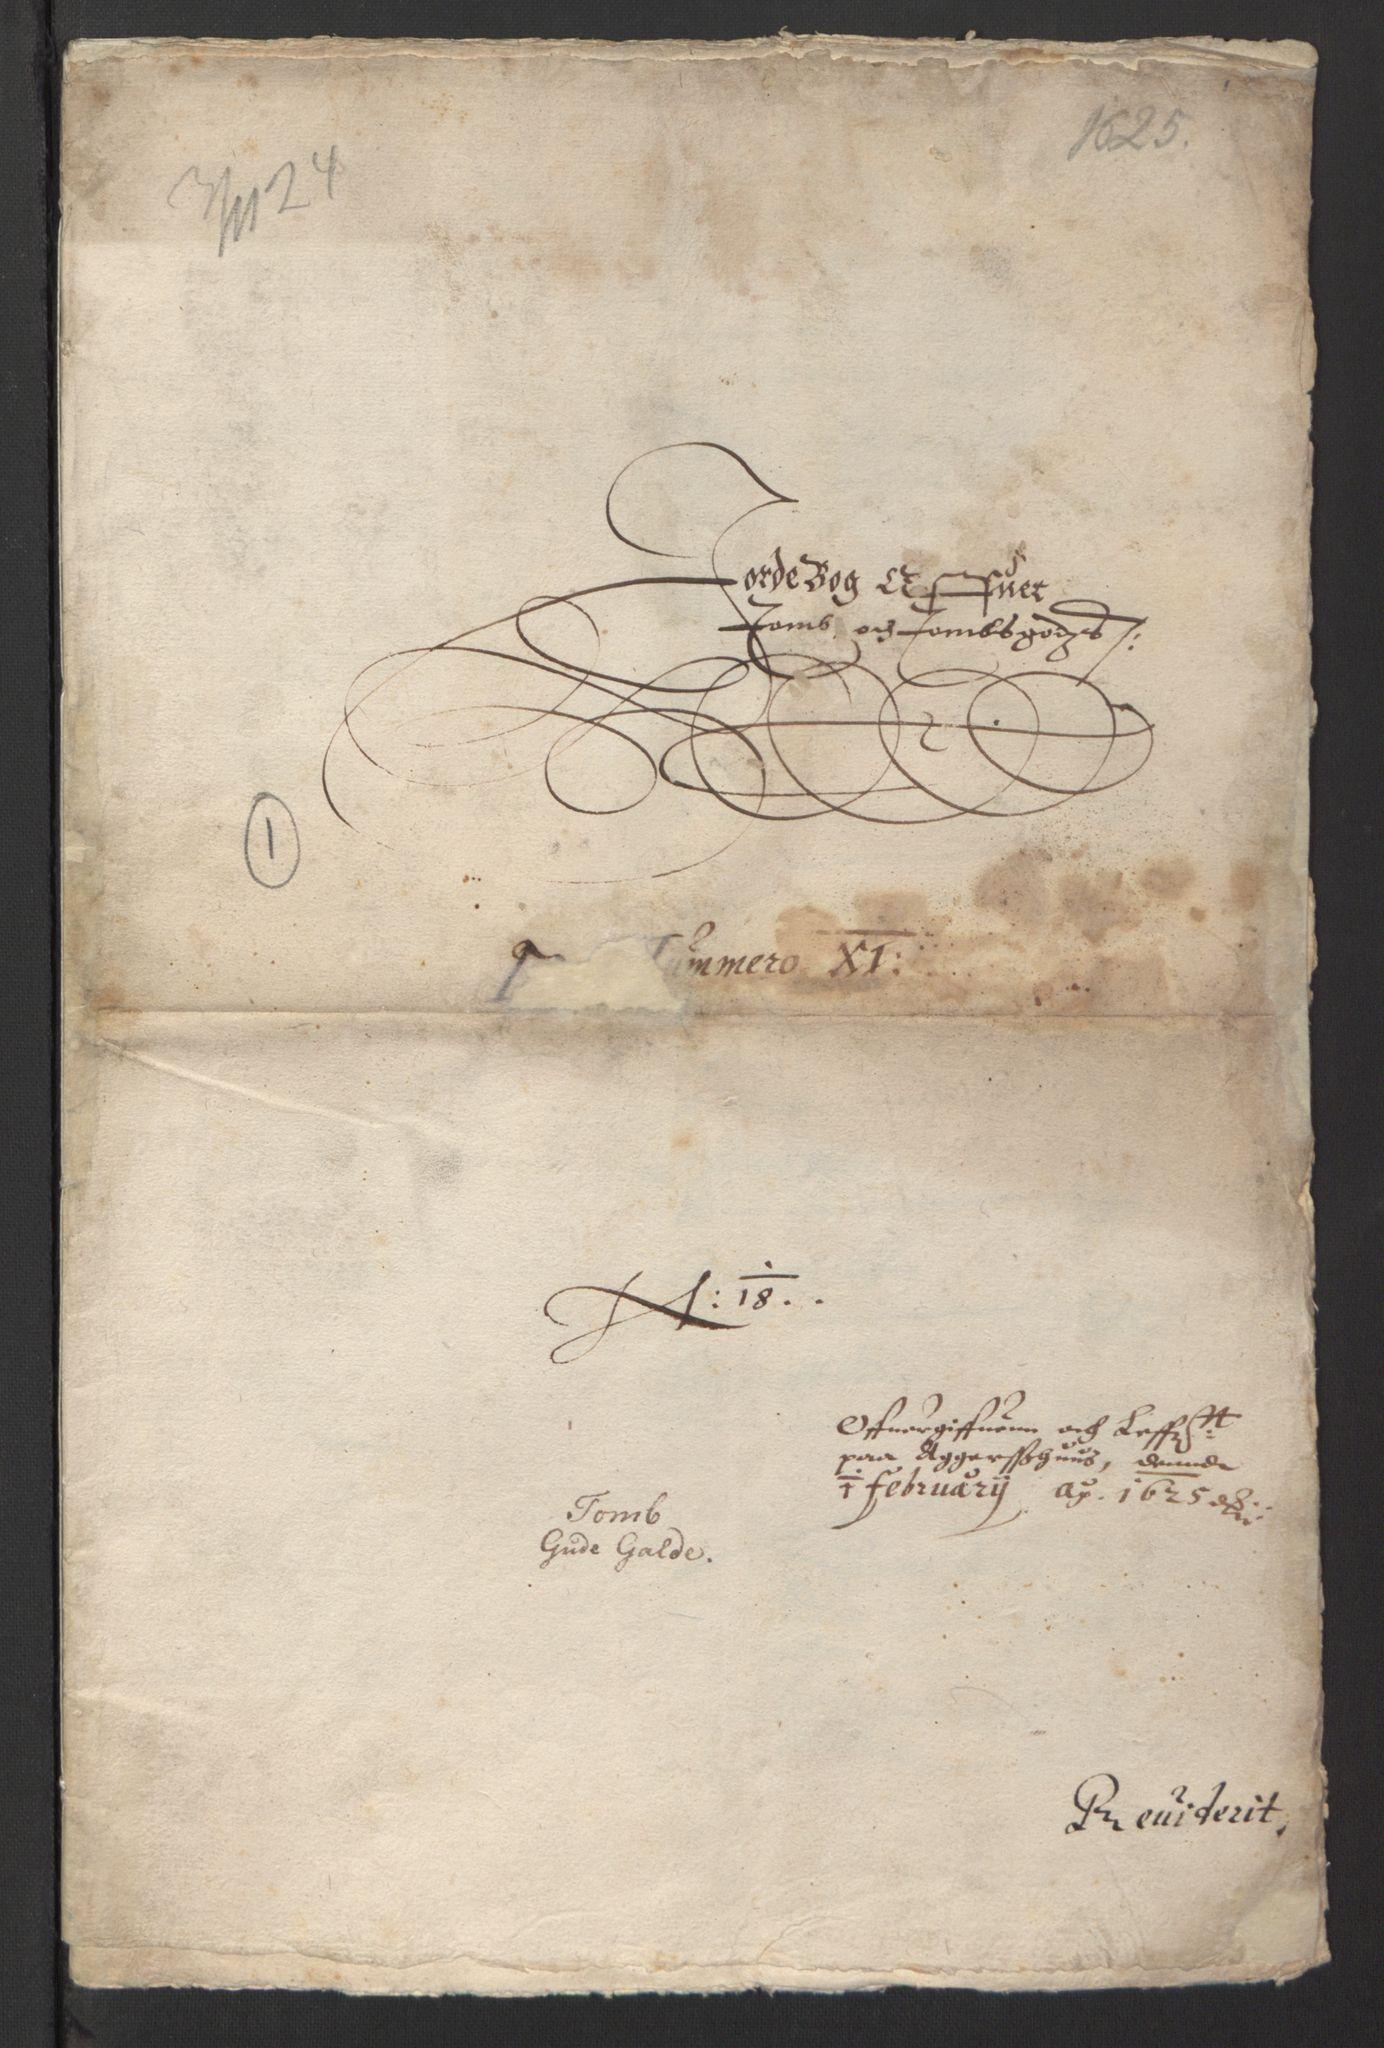 RA, Stattholderembetet 1572-1771, Ek/L0007: Jordebøker til utlikning av rosstjeneste 1624-1626:, 1624-1625, s. 273